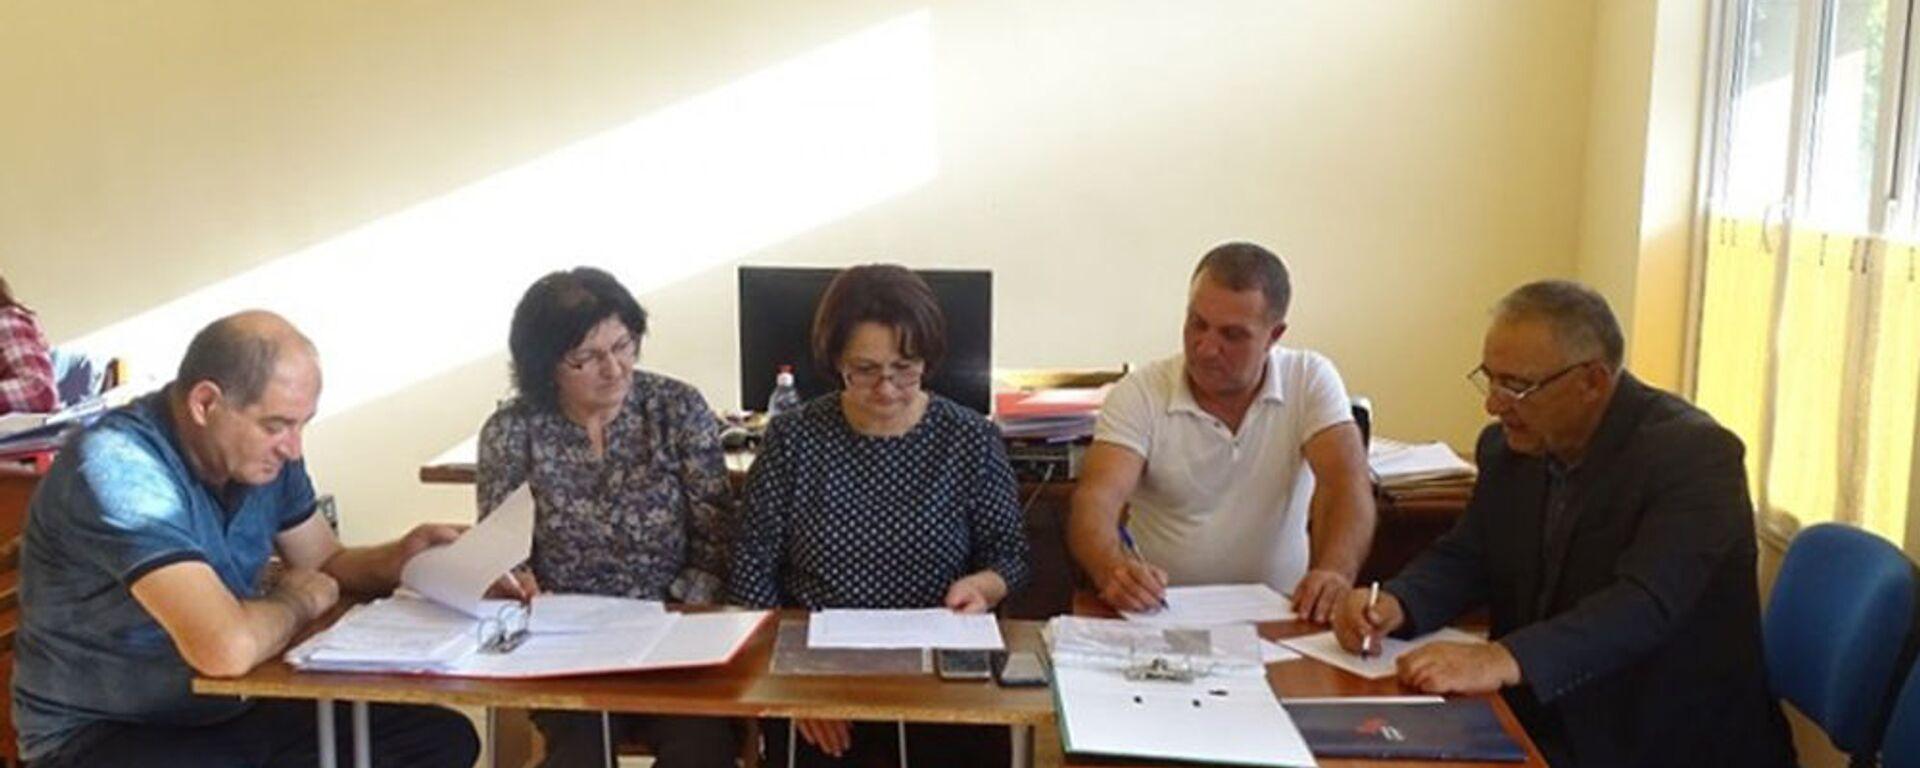 Члены избирательной комиссии в Сюнике за работой - Sputnik Армения, 1920, 12.09.2021